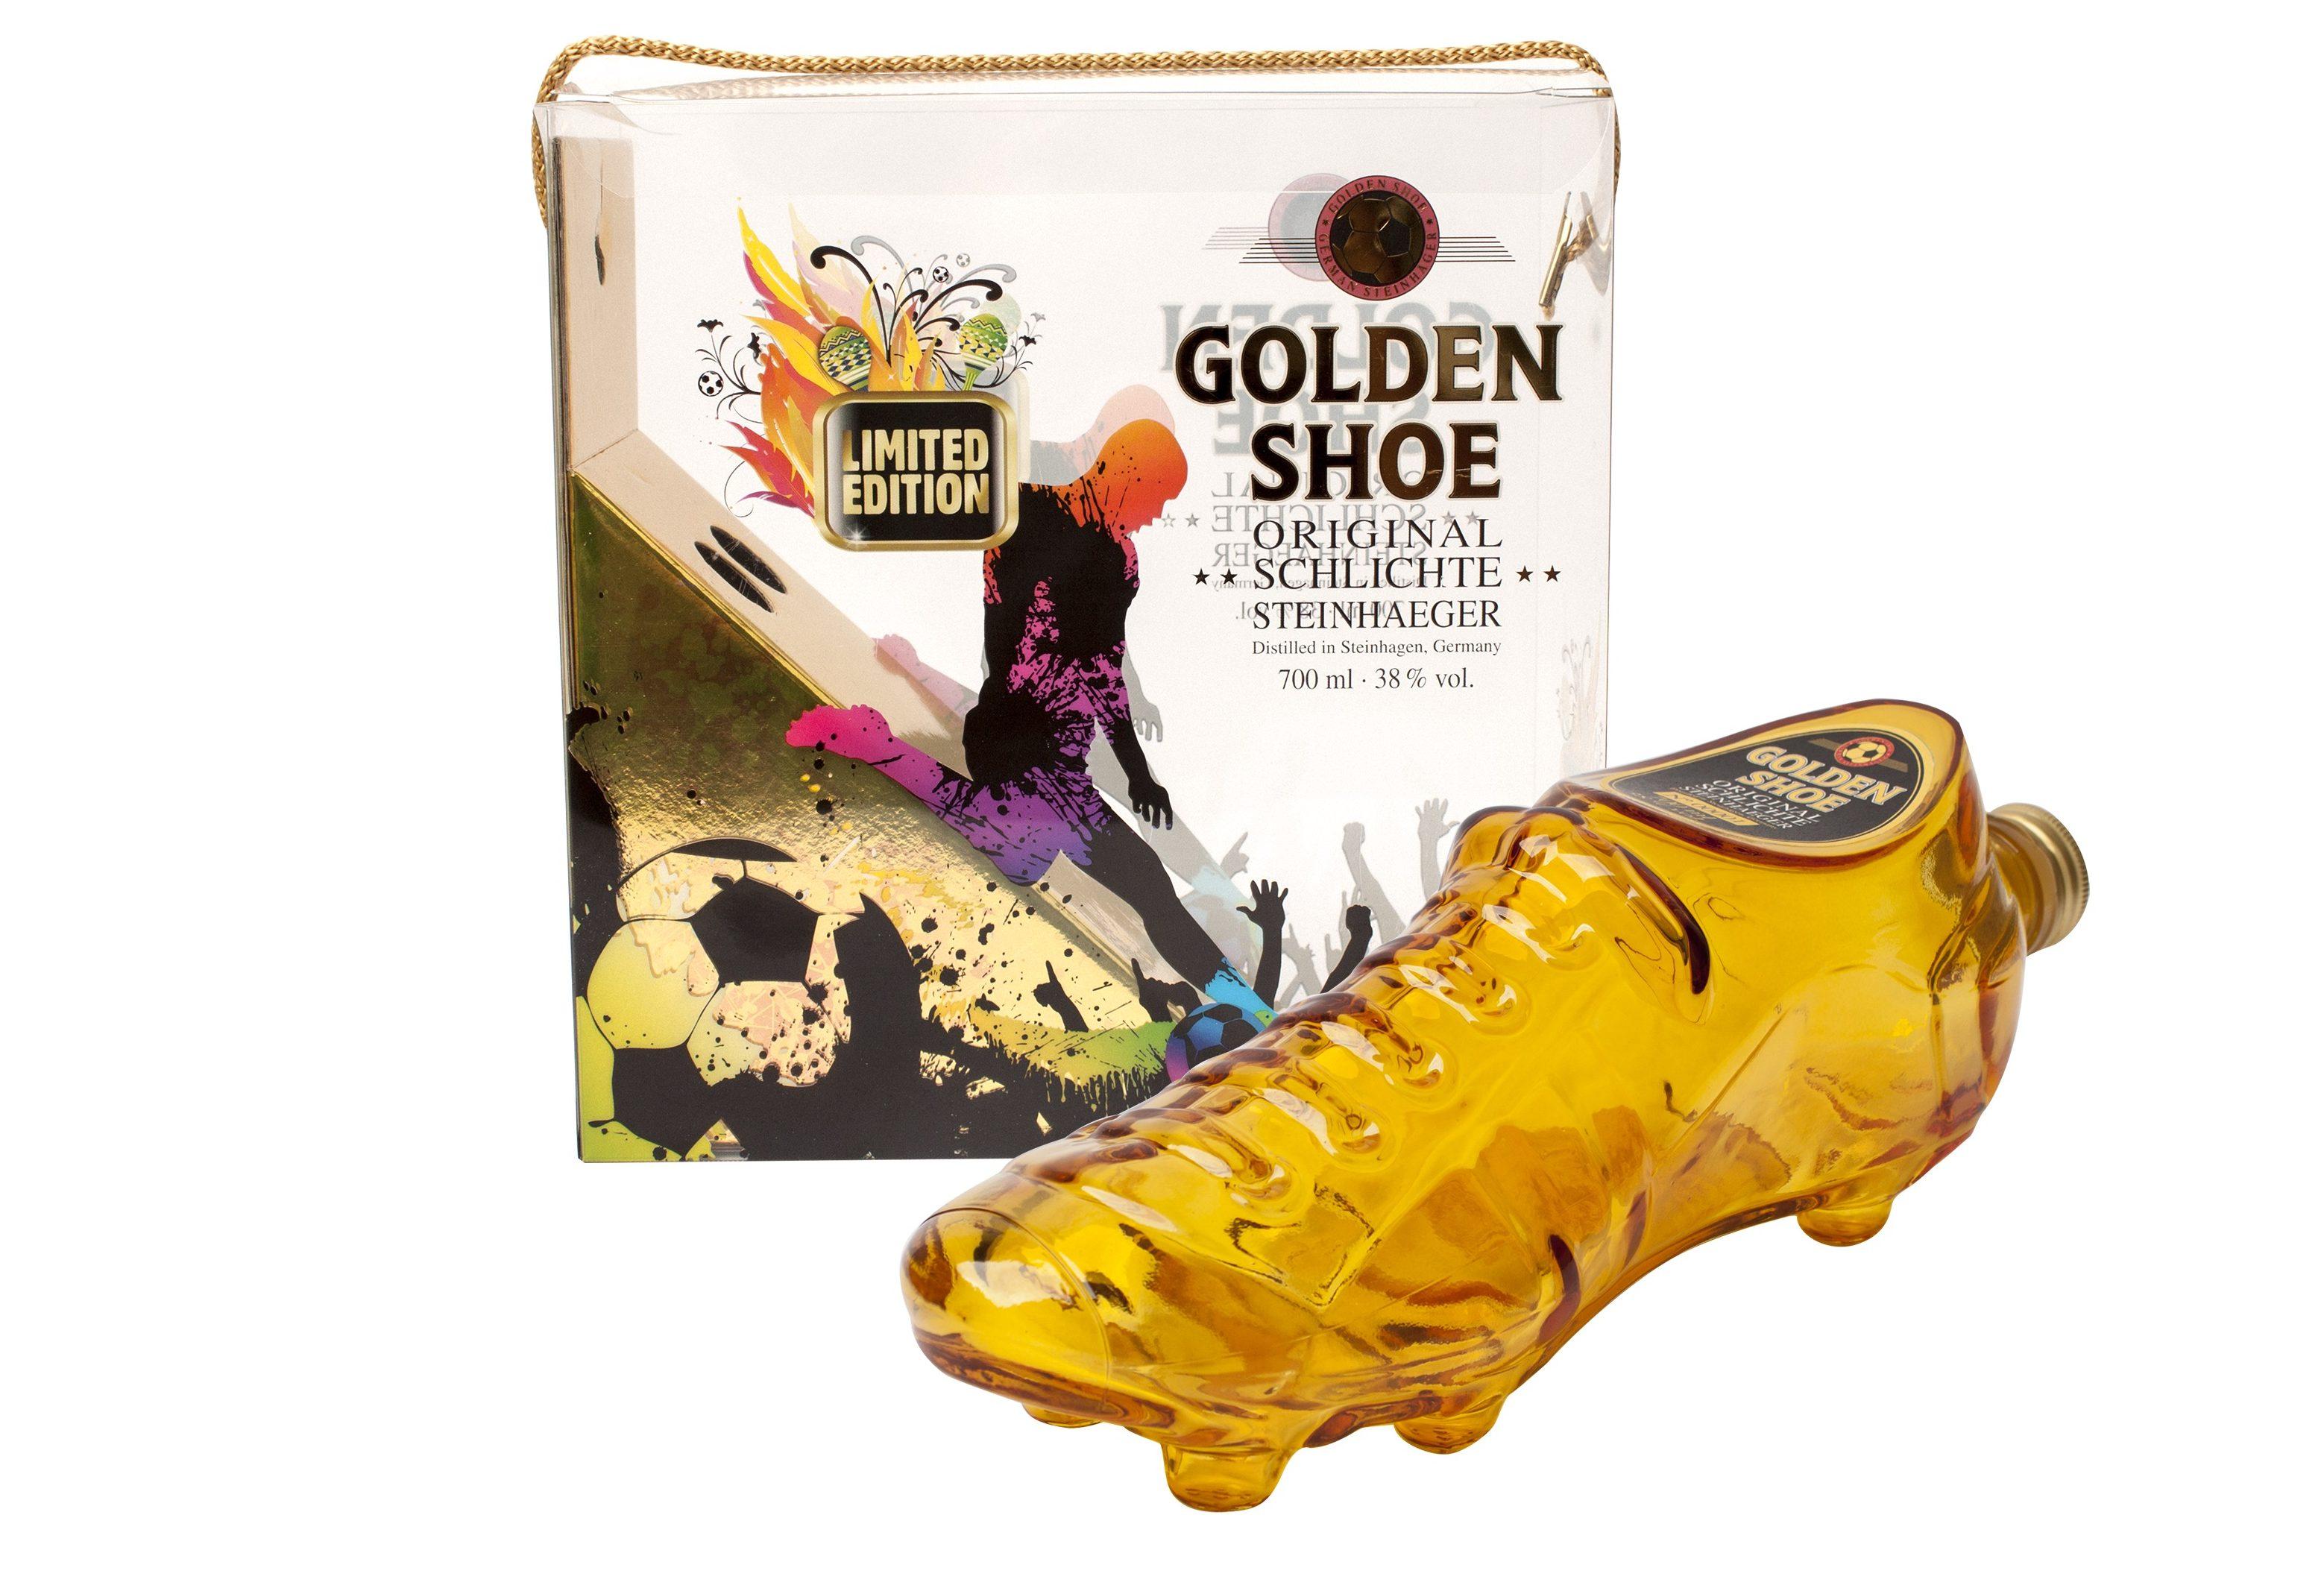 Amanhã: Schlichte Golden Shoe e Valentine´s Day, celebre o amor com garrafa em homenagem a paixão nacional brasileira 41